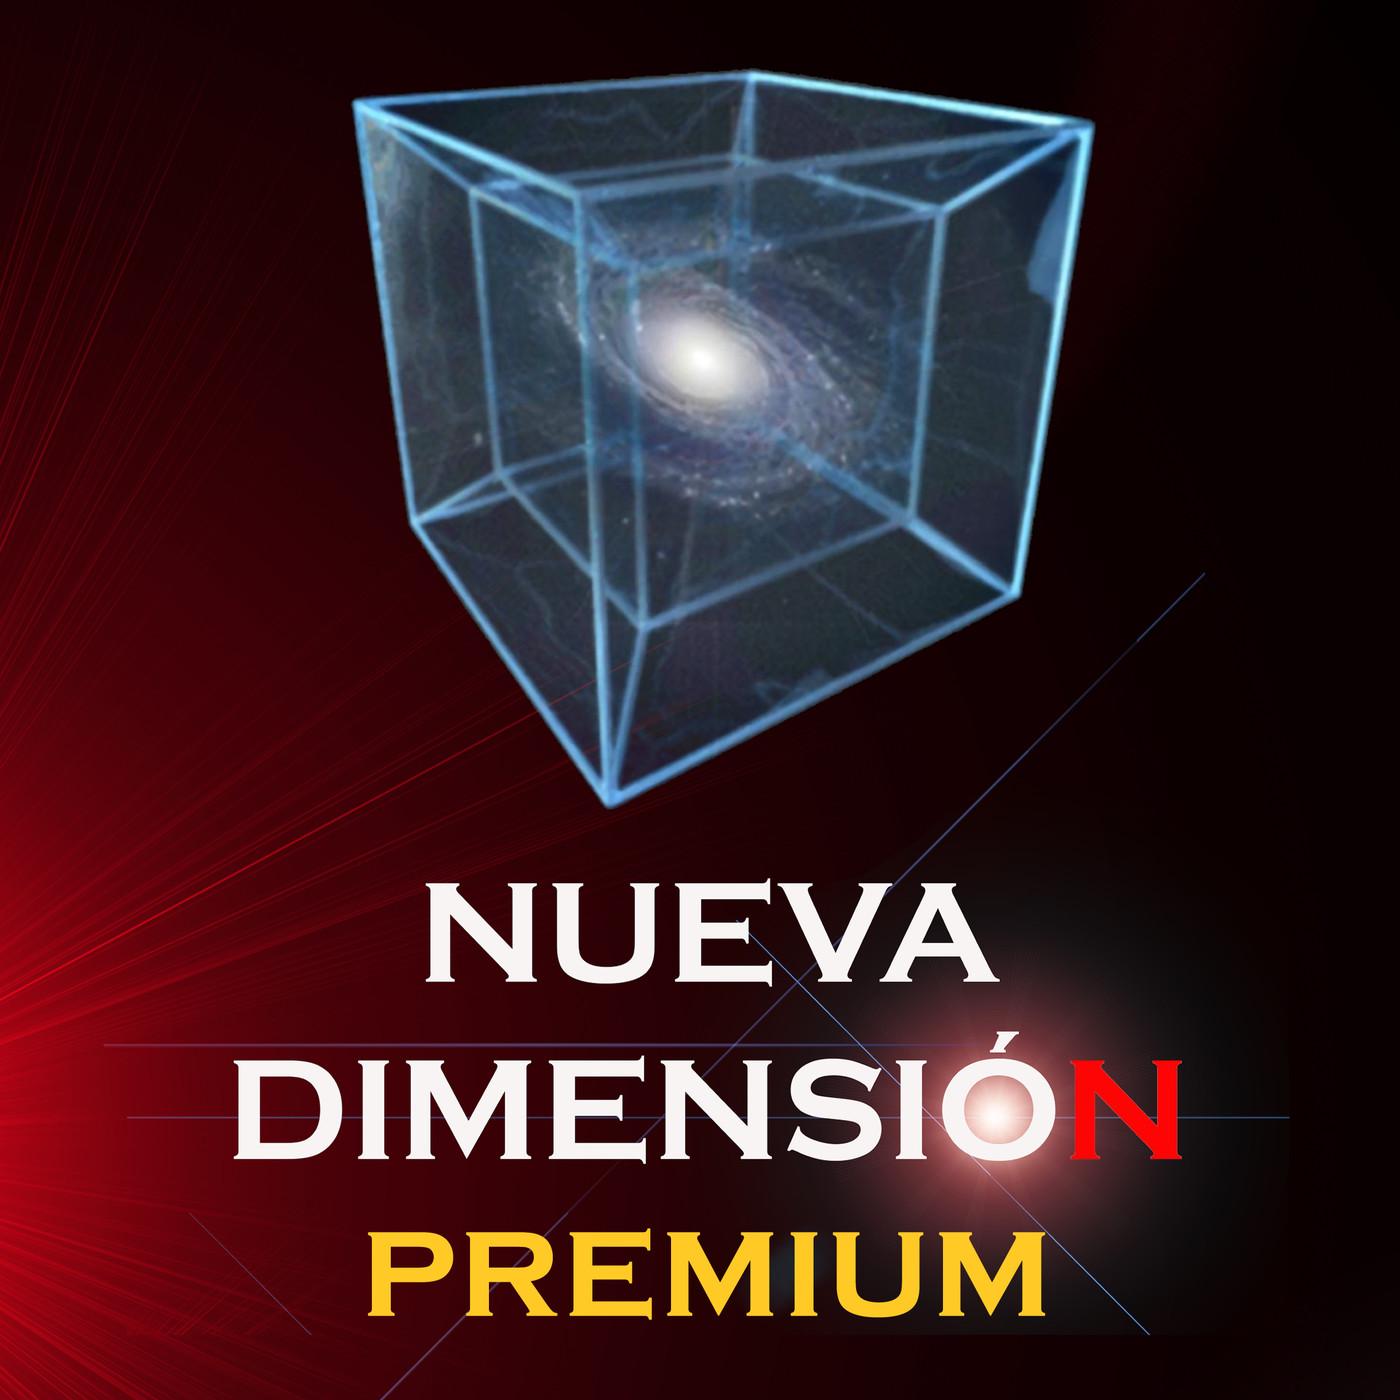 NUEVA DIMENSIÓN PREMIUM - (20x4)